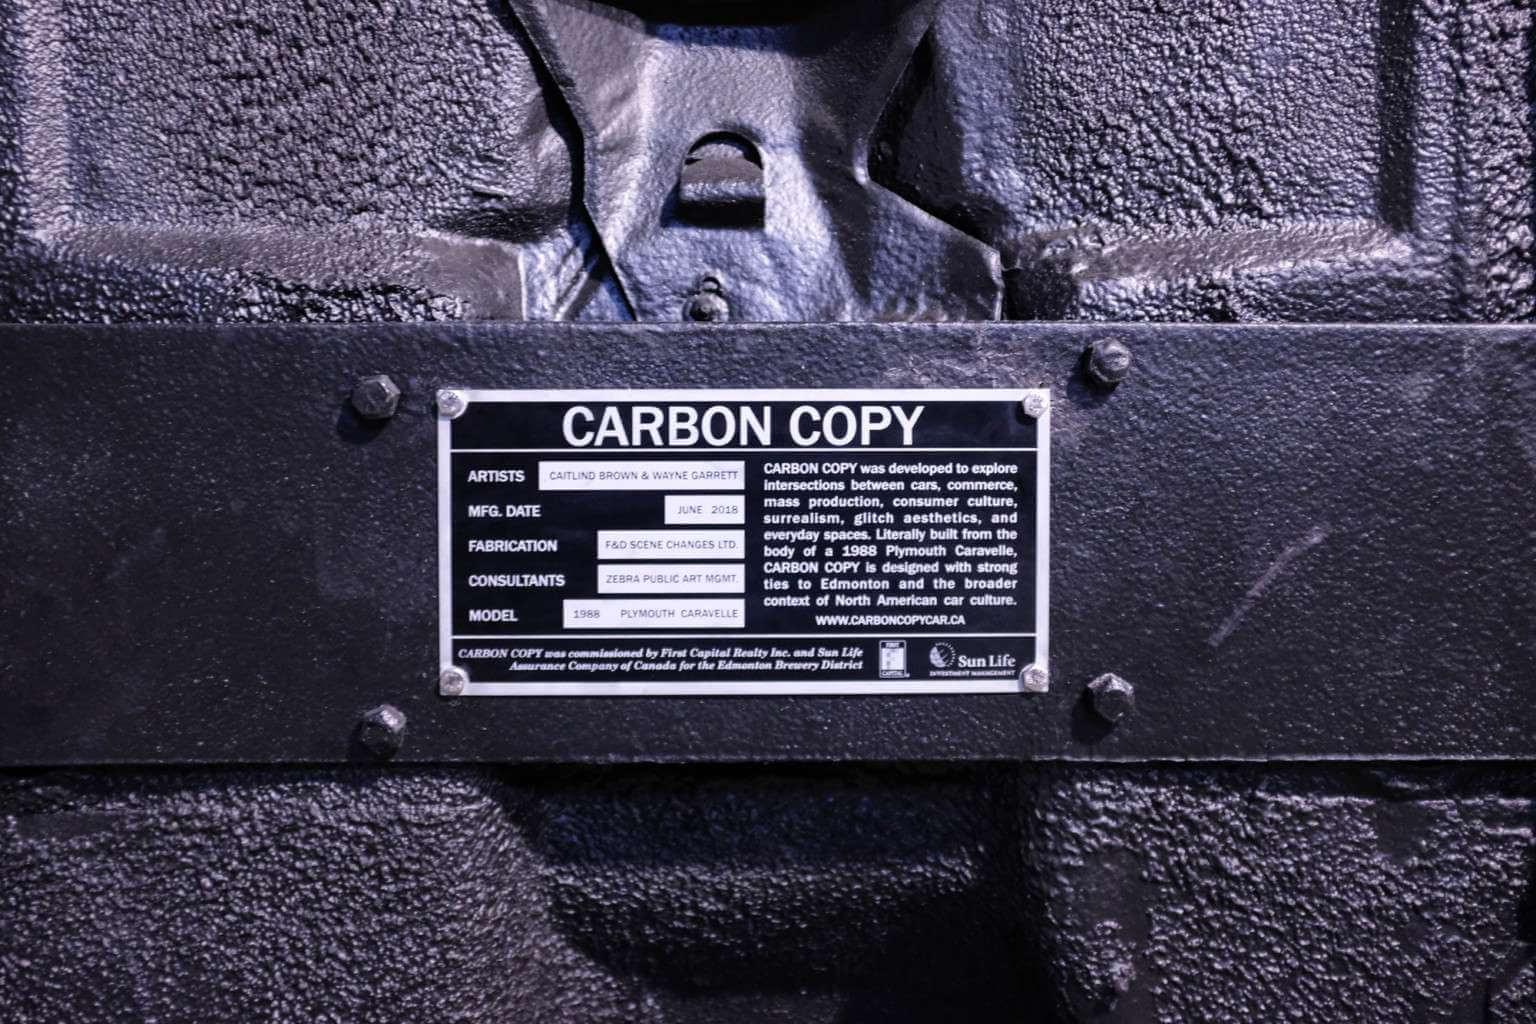 Carbon Copy. Fotografía: Caitlind r.c. Brown y Wayne Garrett